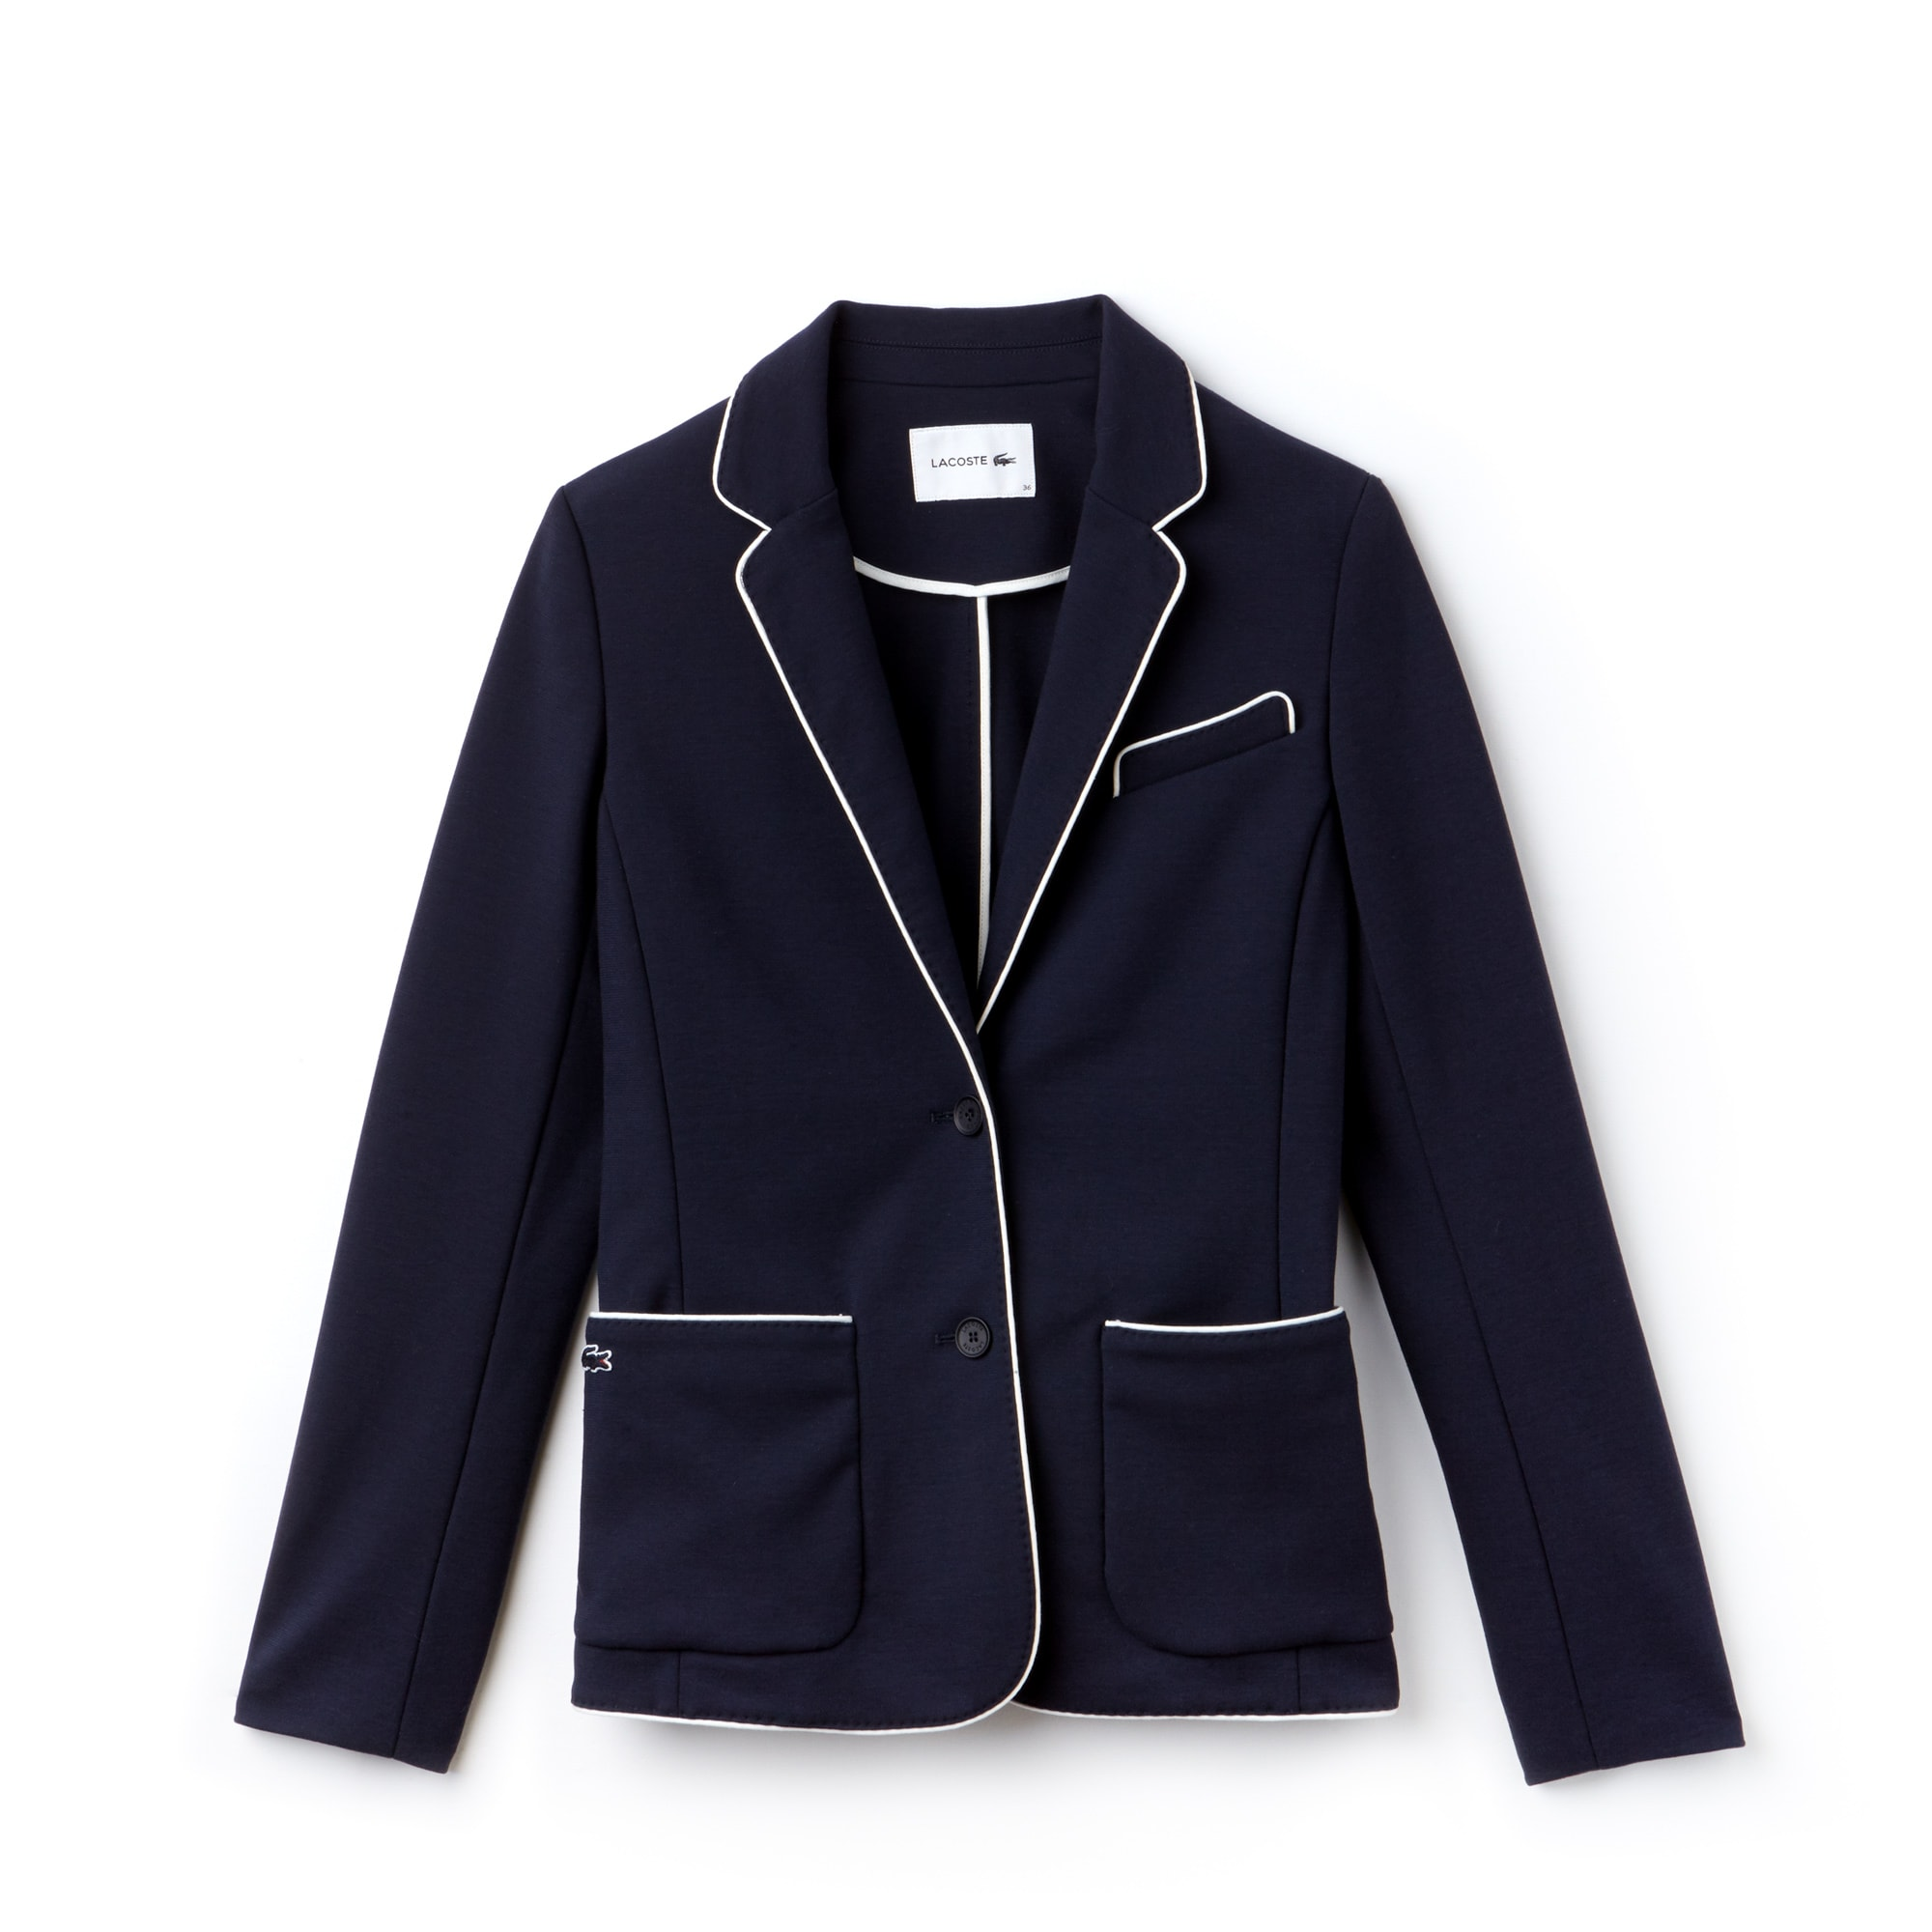 Damen-Blazer aus Baumwollkrepp-Interlock mit Paspeln